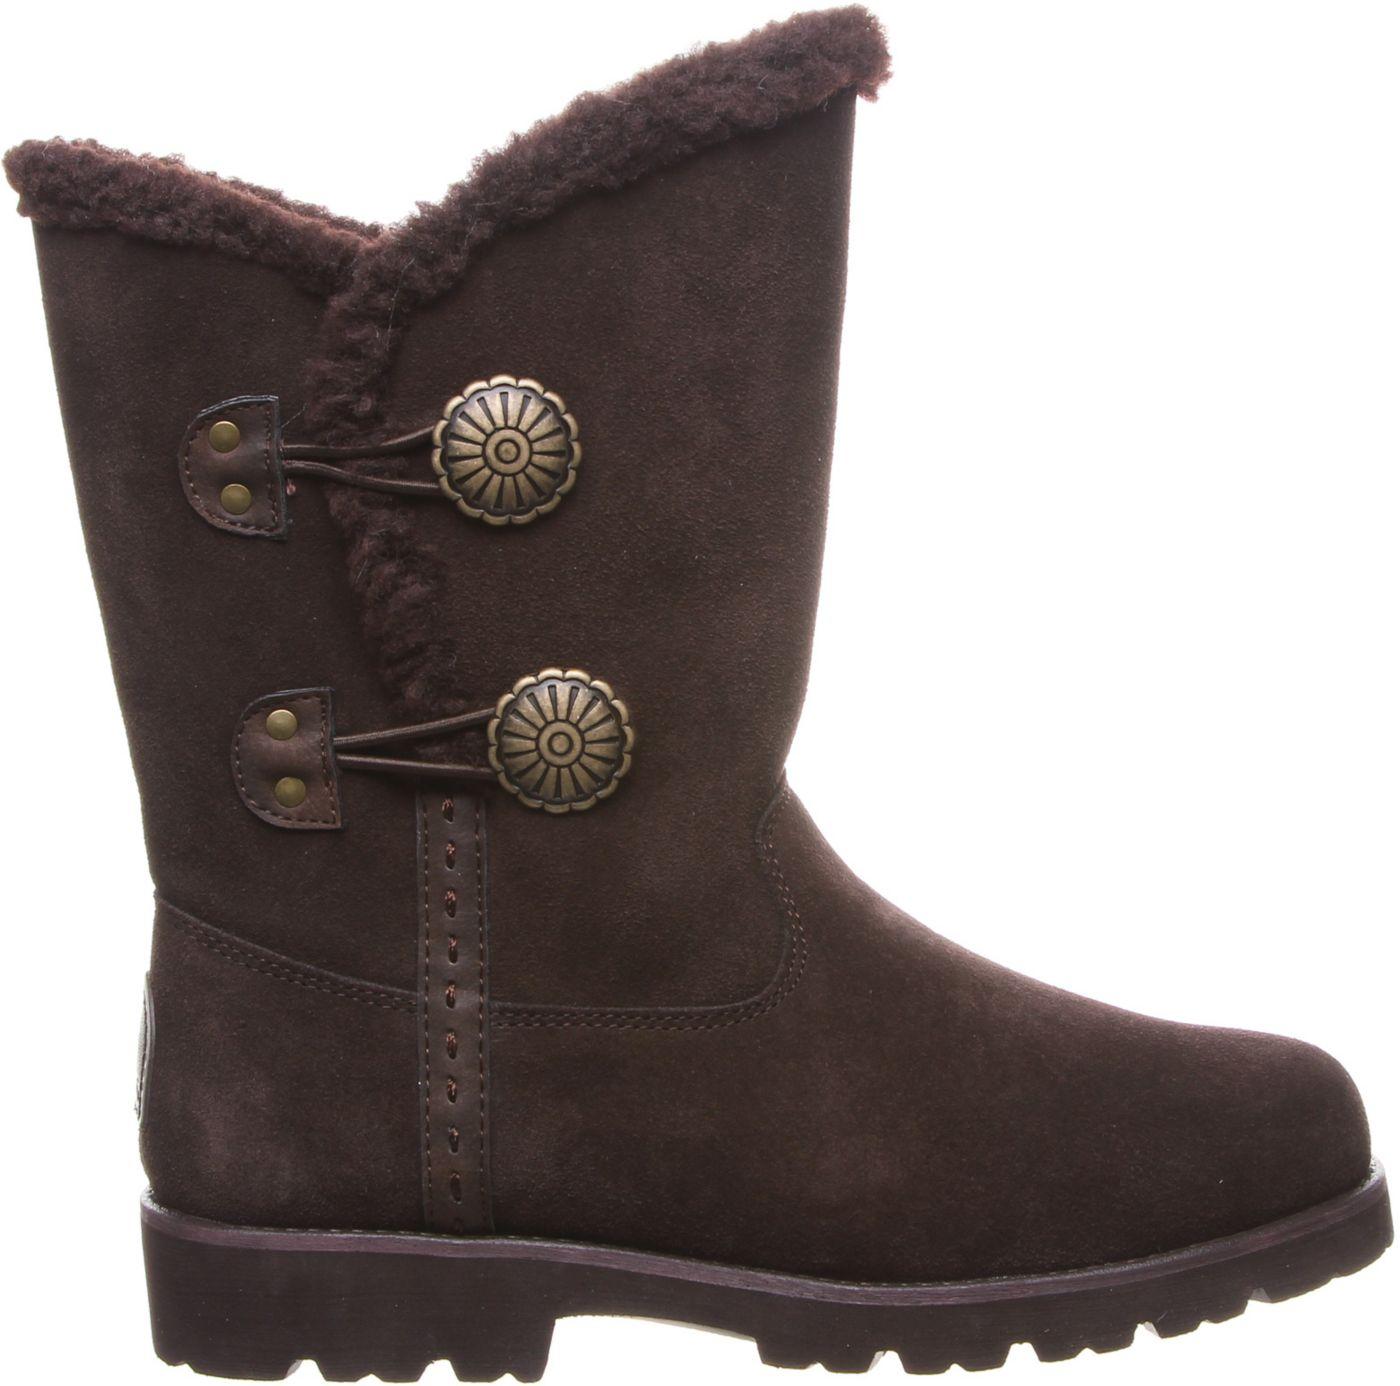 BEARPAW Women's Wildwood Winter Boots